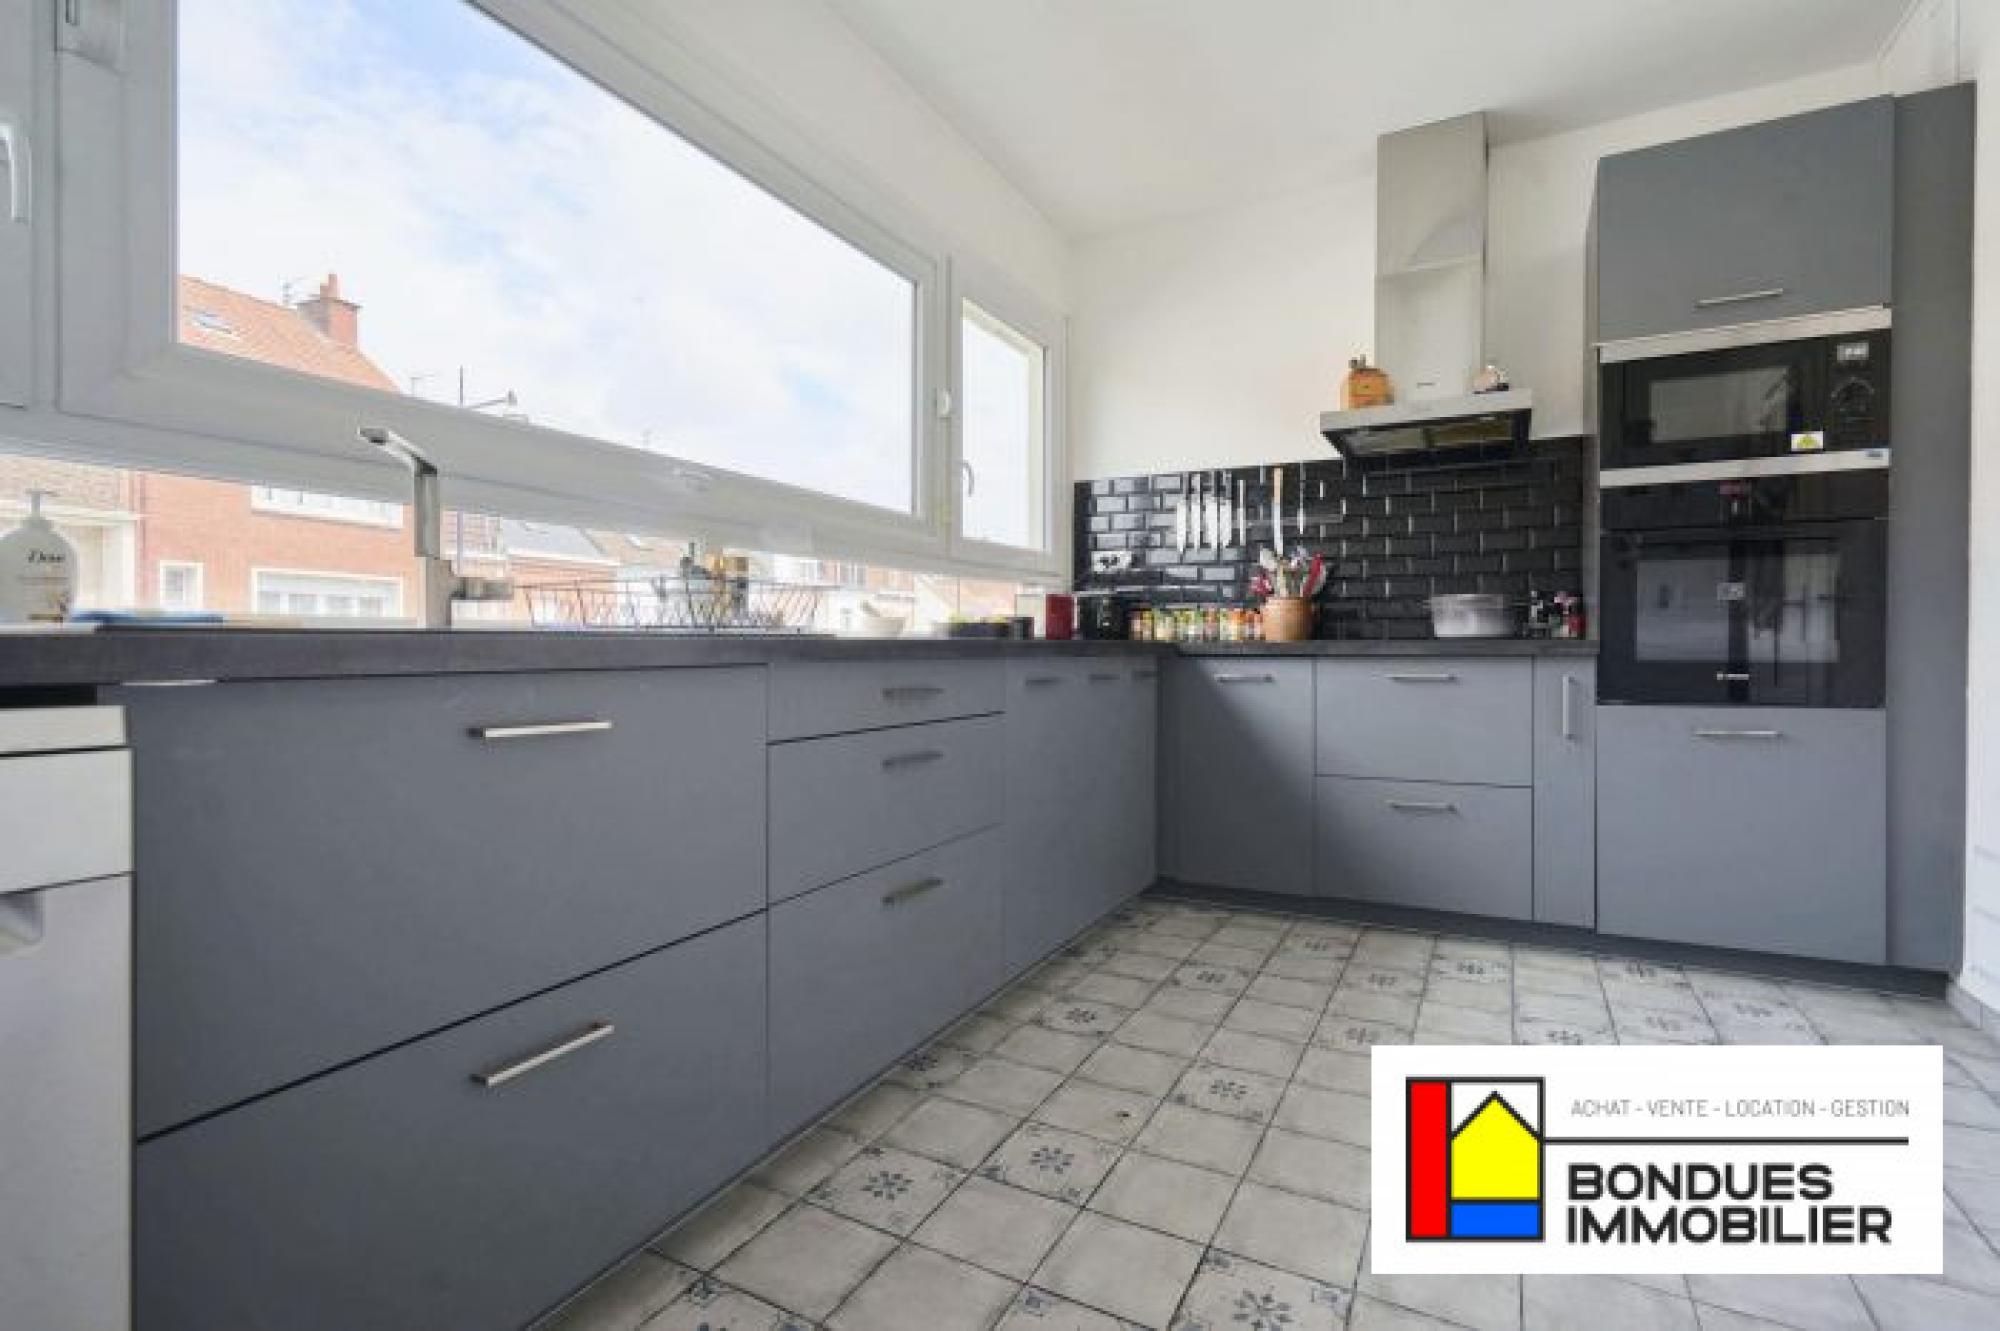 vente appartement marcq en barœul refVA2138 (9)